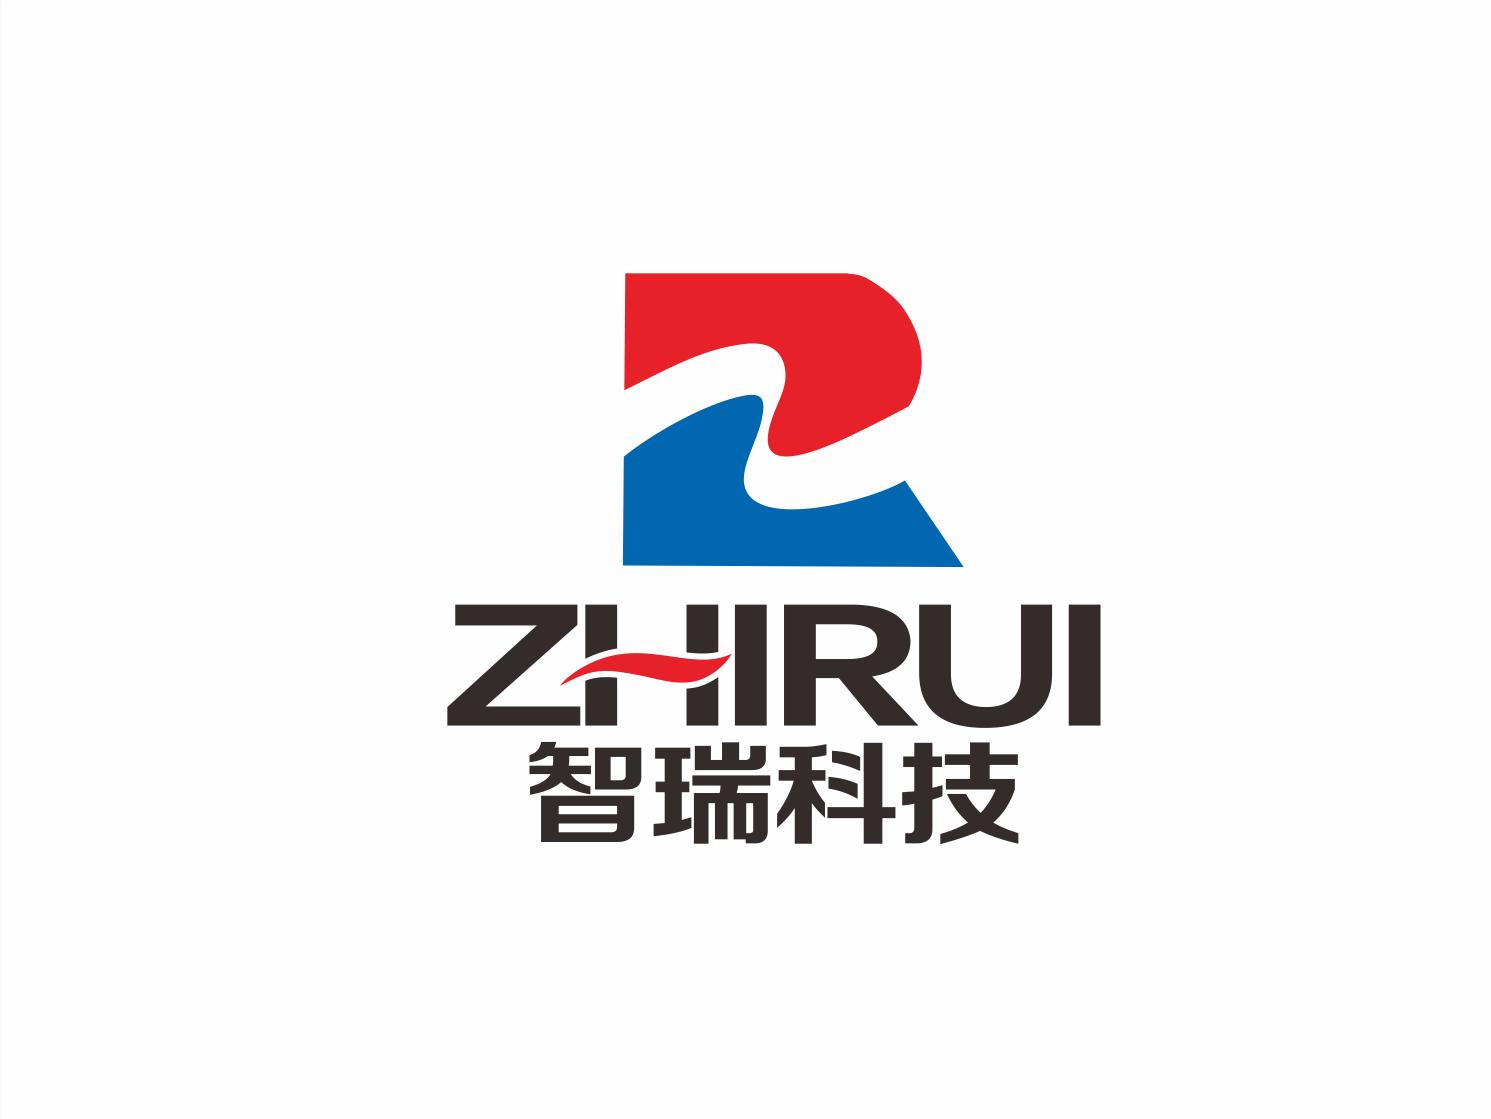 江蘇智瑞科技有限公司